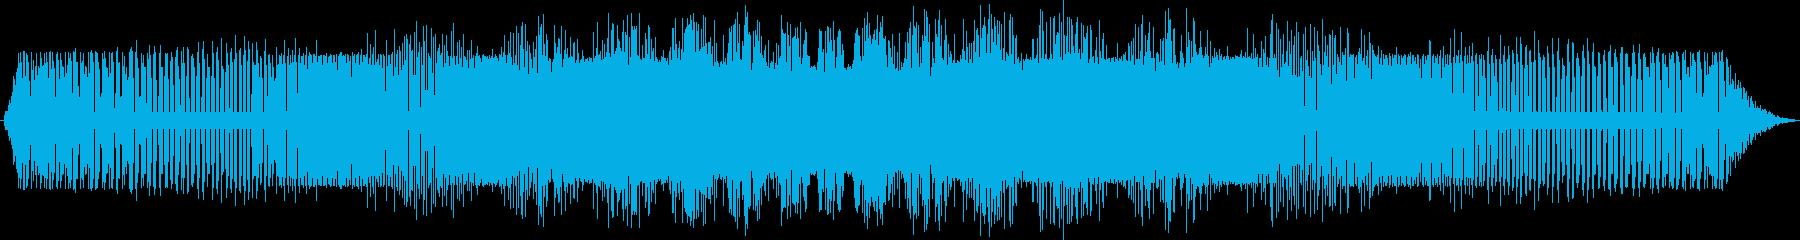 電動スワイプ2の再生済みの波形